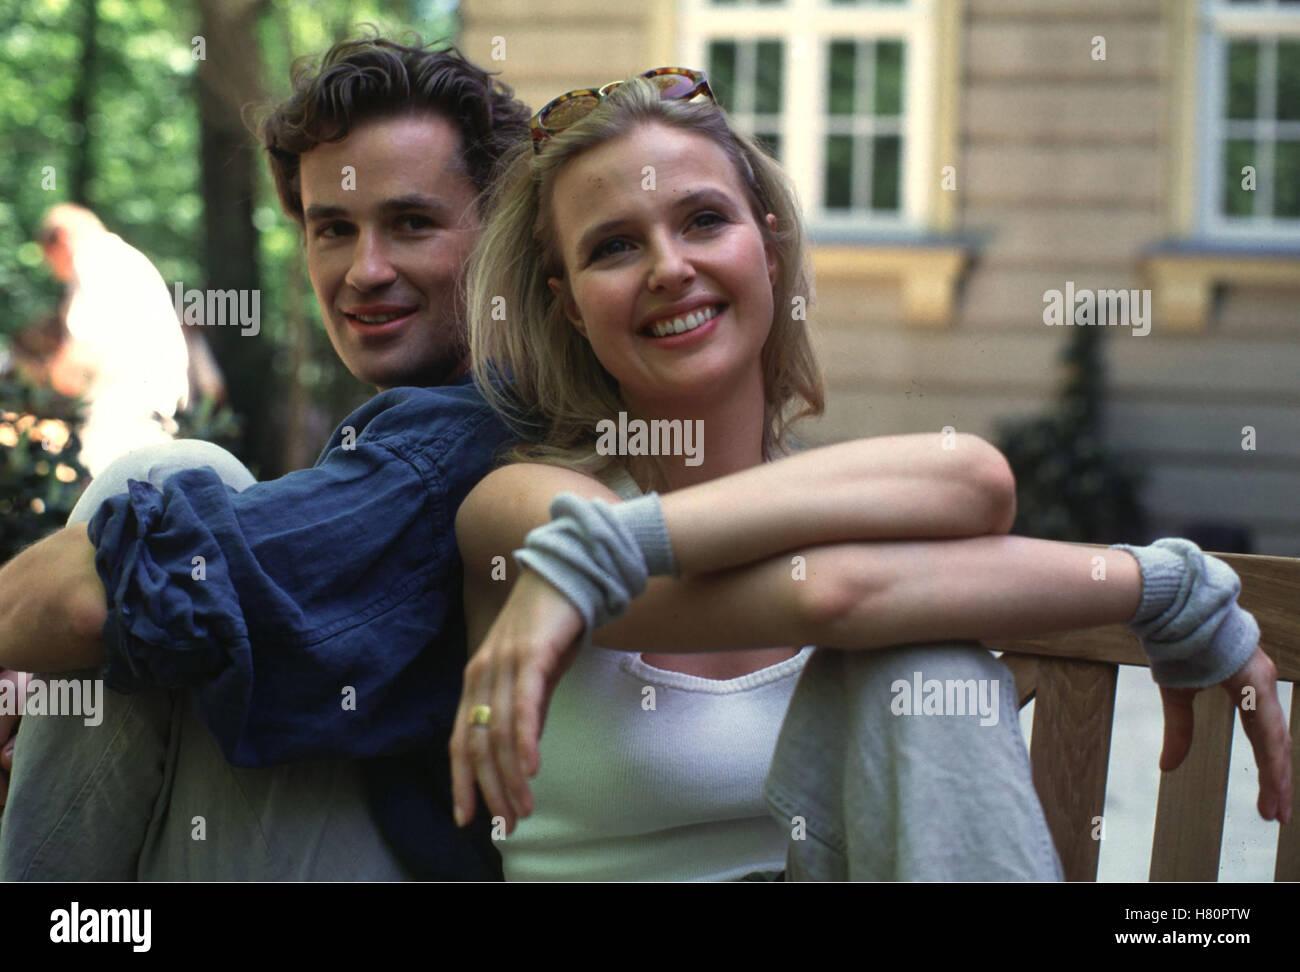 DIE UNZERTRENNLICHEN, Familienserie D 1996 / 97 - Pilotfilm + 13 Folgen, Regie: Bernhard Stephan, TIMOTHY PEACH, KATHARINA BÖHM Stockfoto